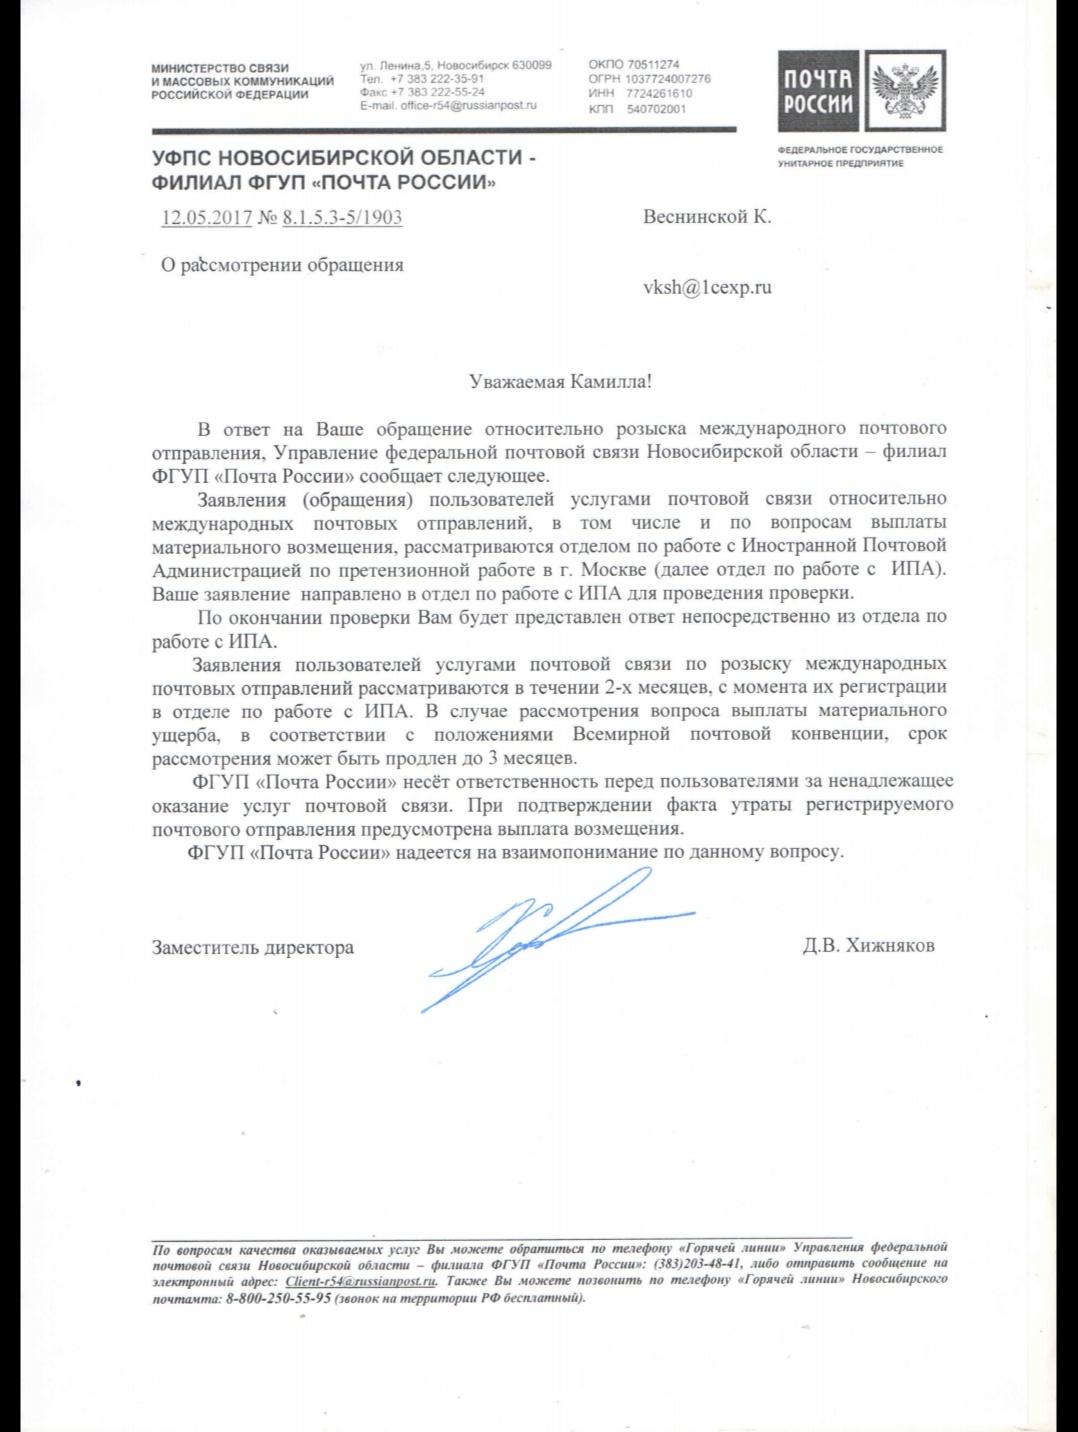 Фз о почте россии